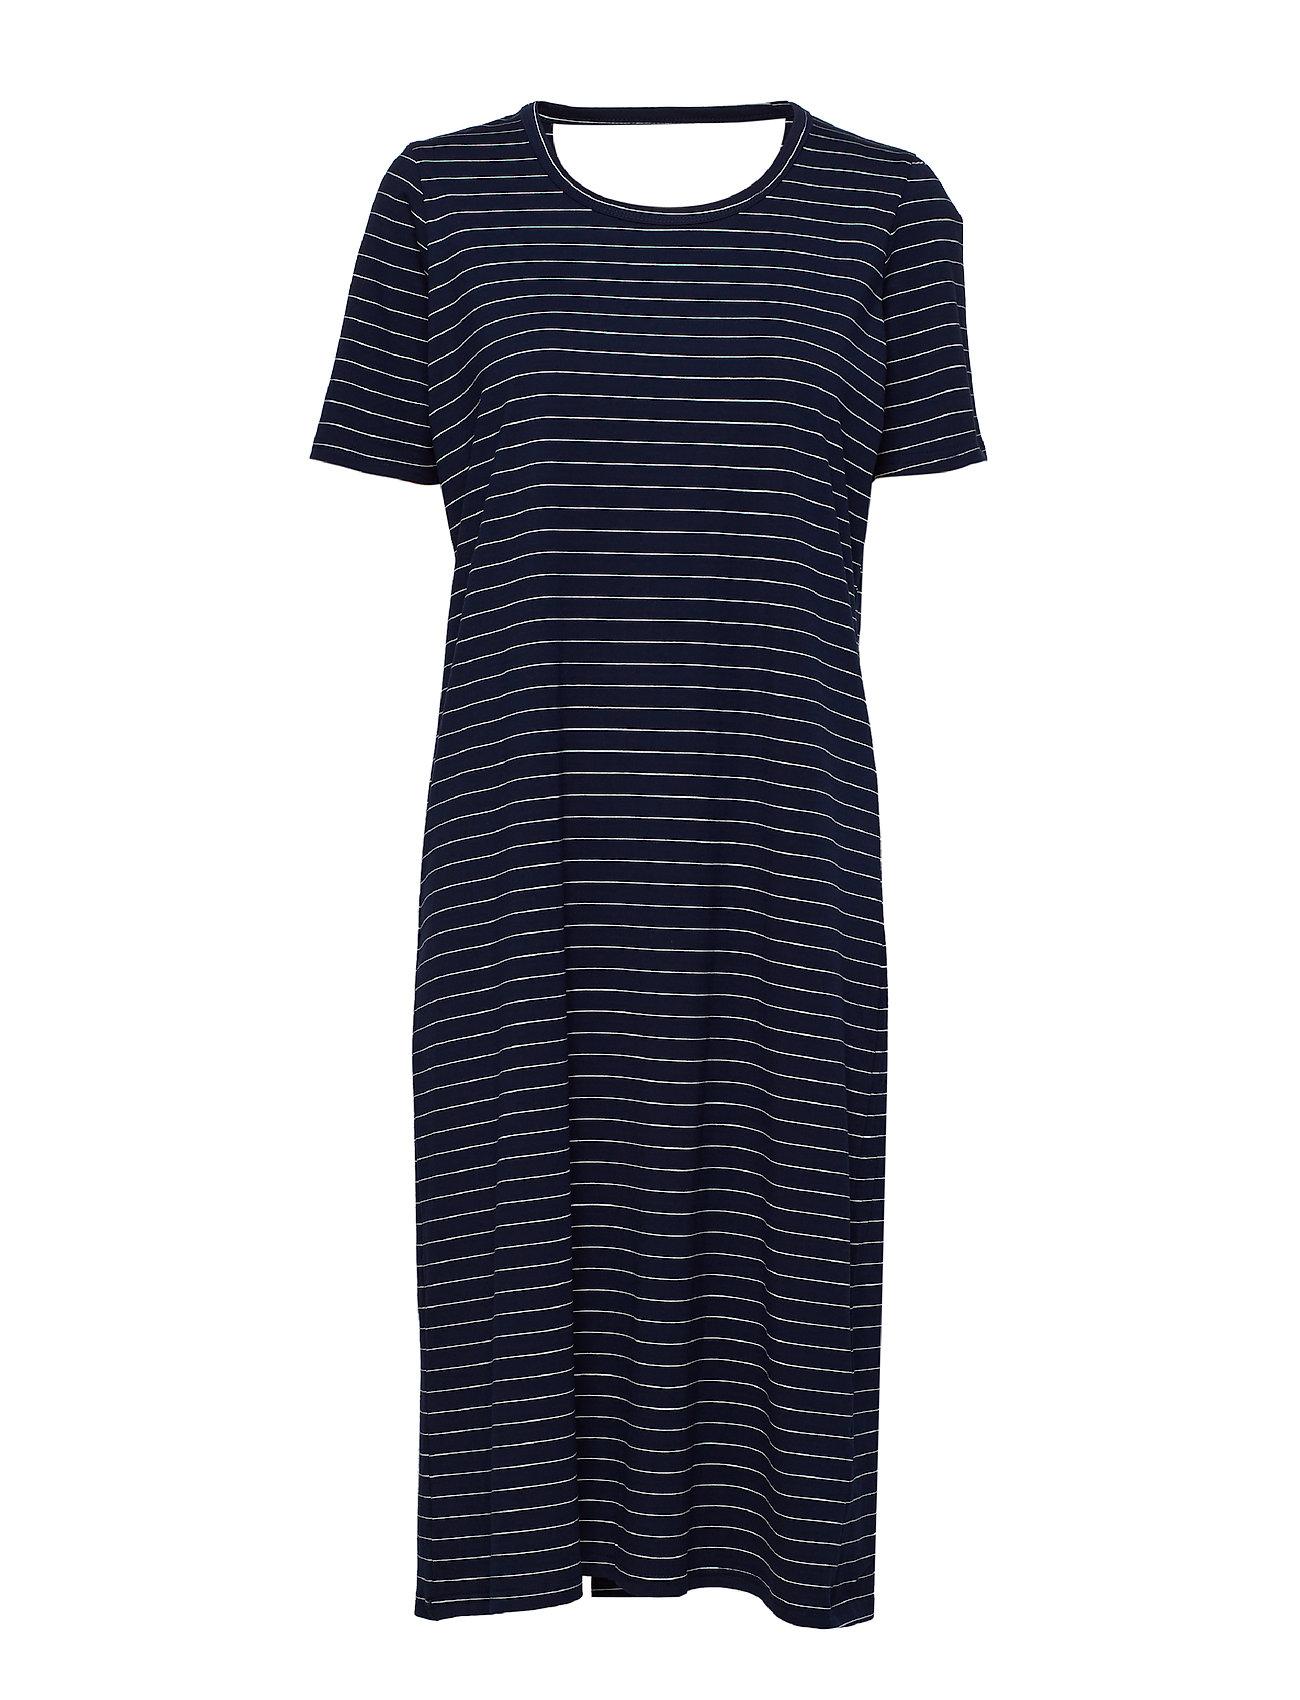 Whyred FONDA DRESS STRIPE - CLASSIC NAVY